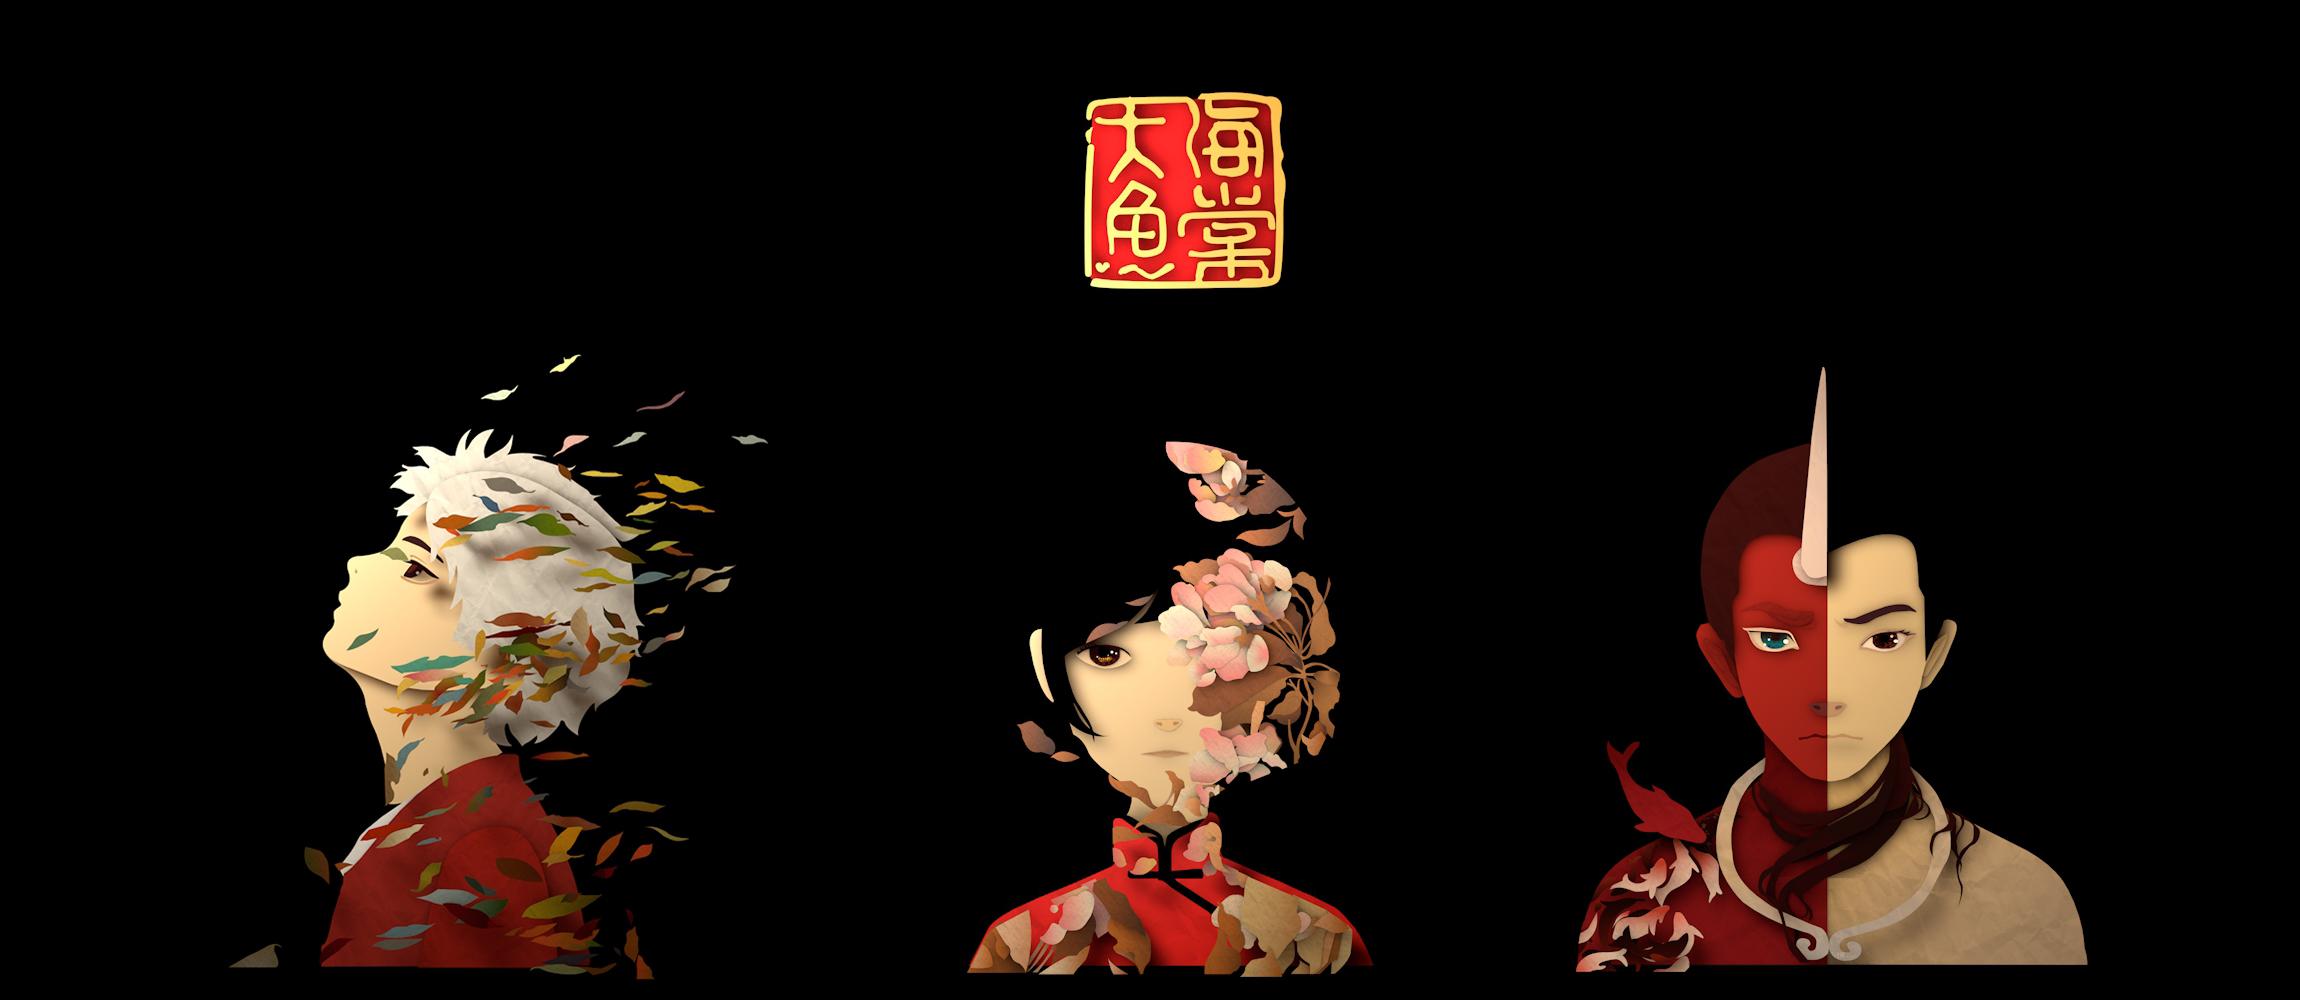 大鱼海棠-c4d ps|动漫|肖像漫画|没有纹身的擀面杖